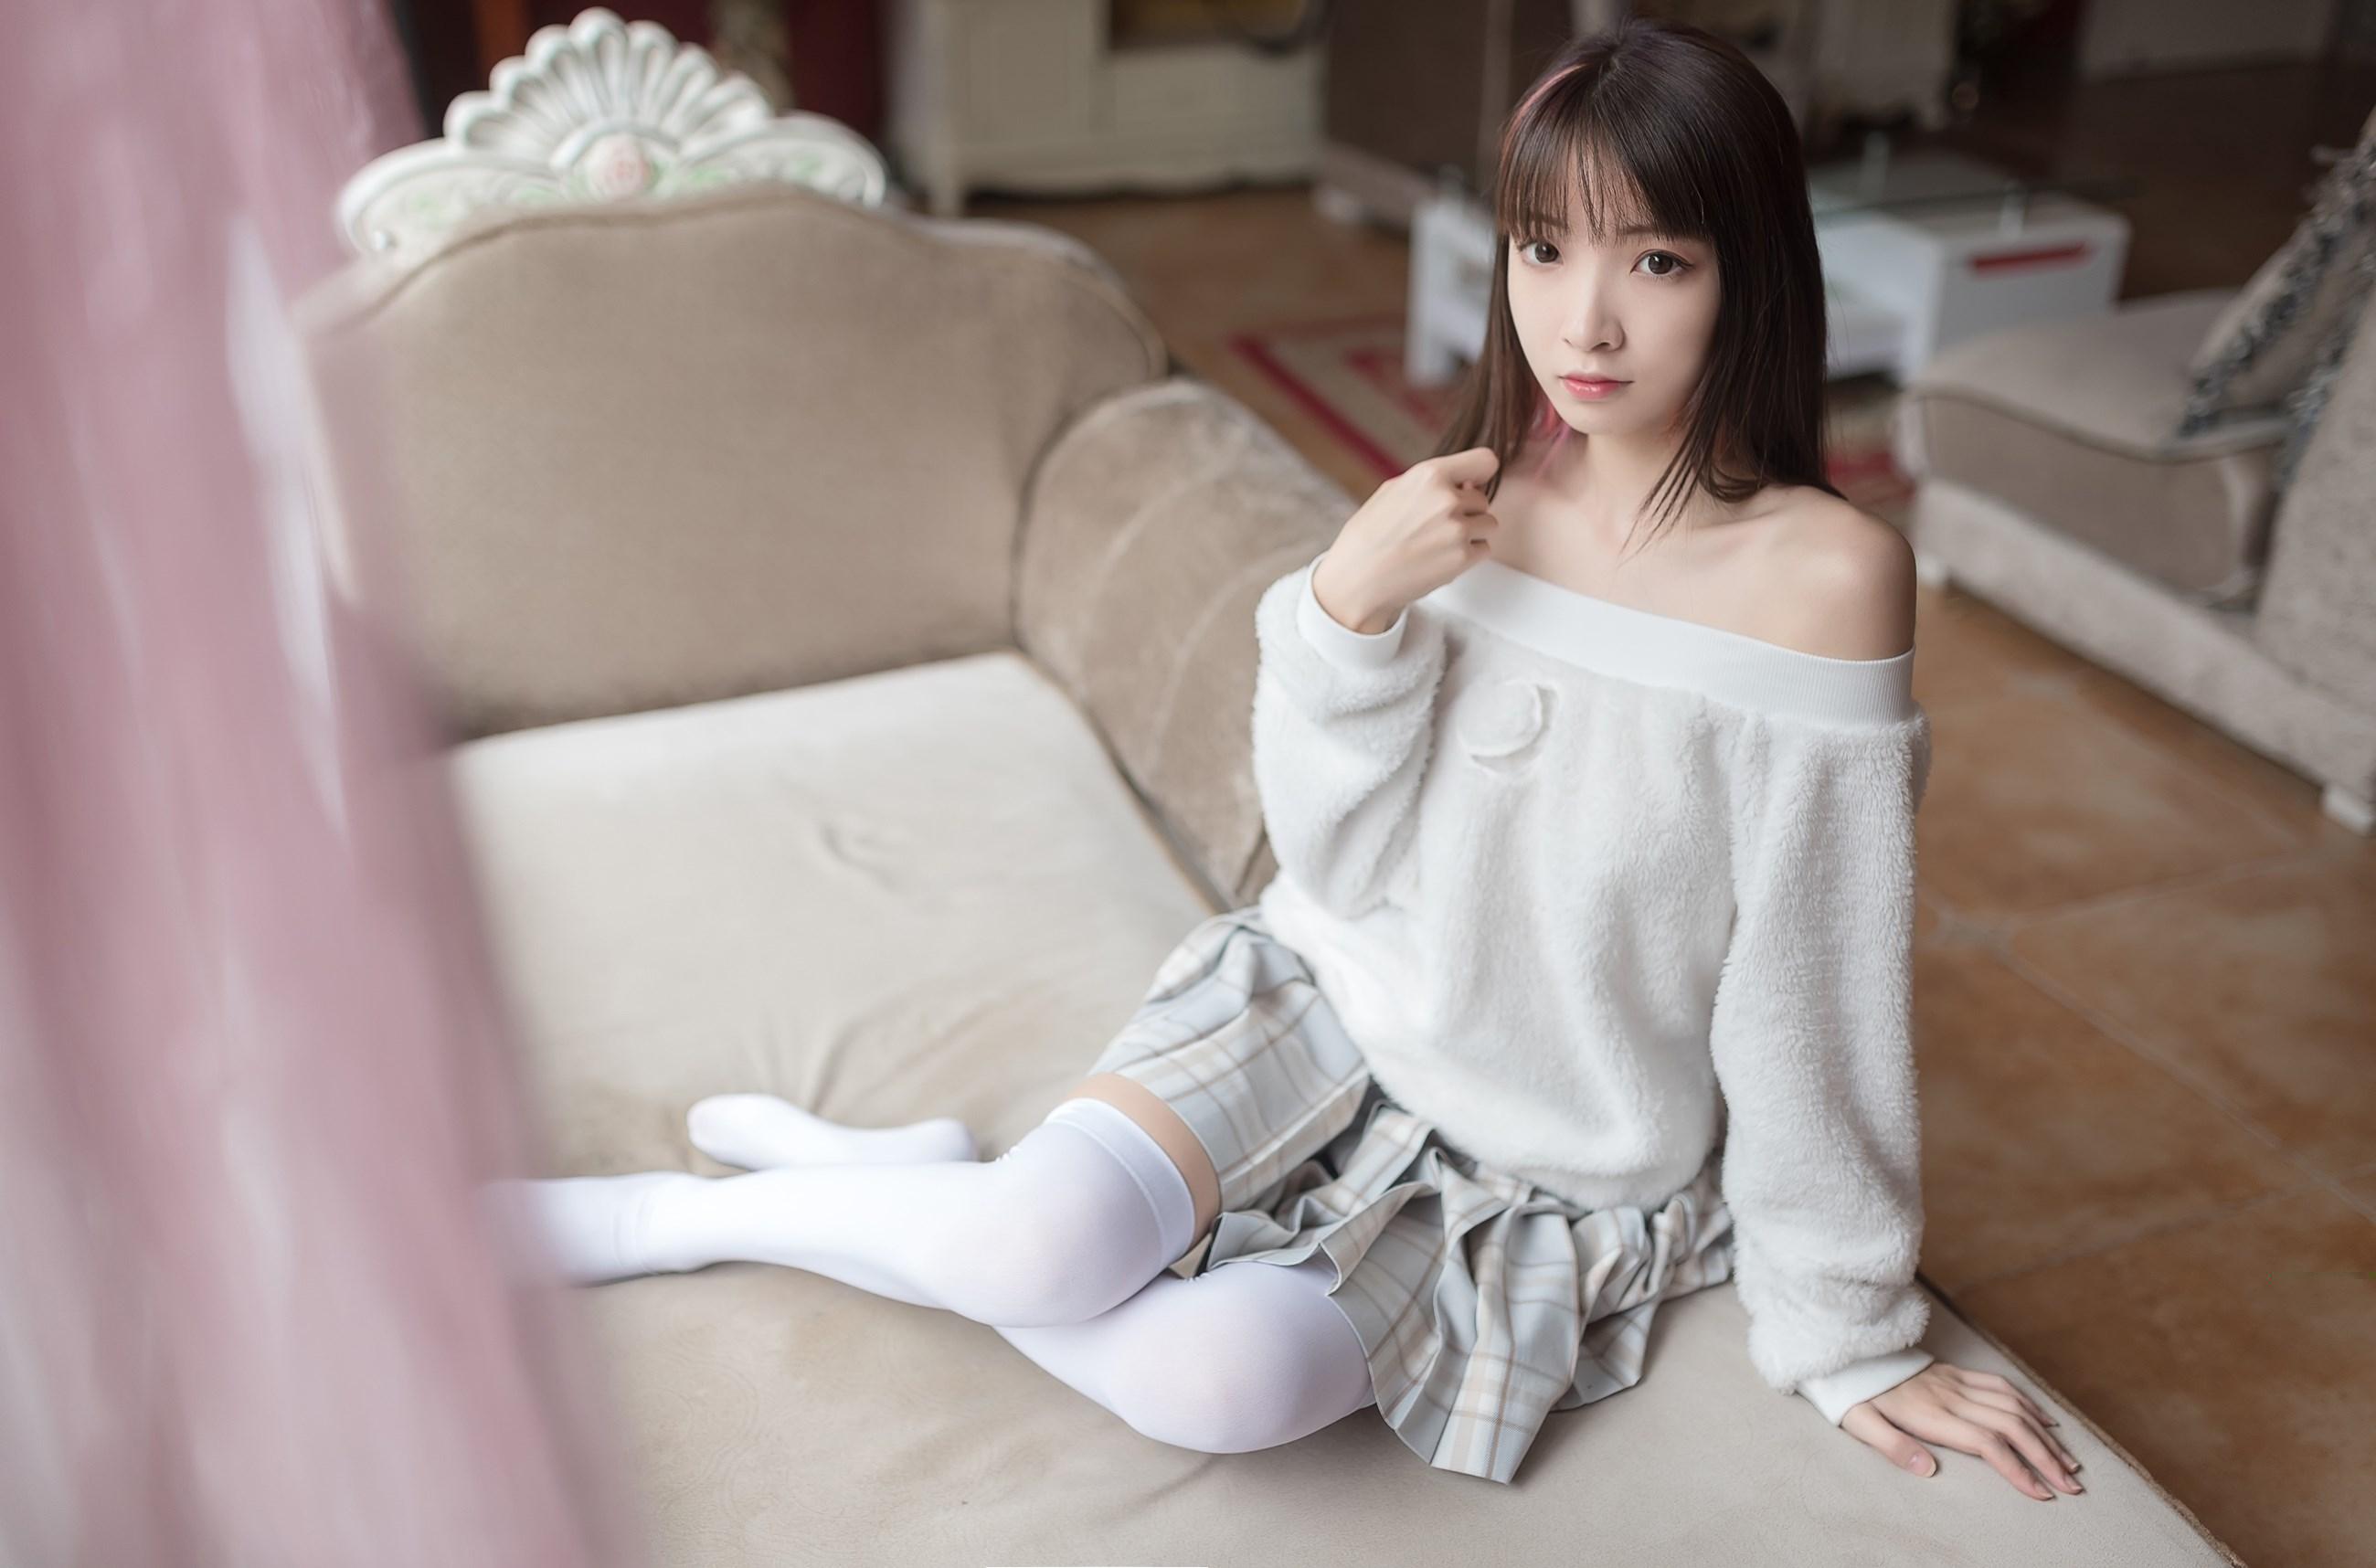 【兔玩映画】露肩少女 兔玩映画 第27张